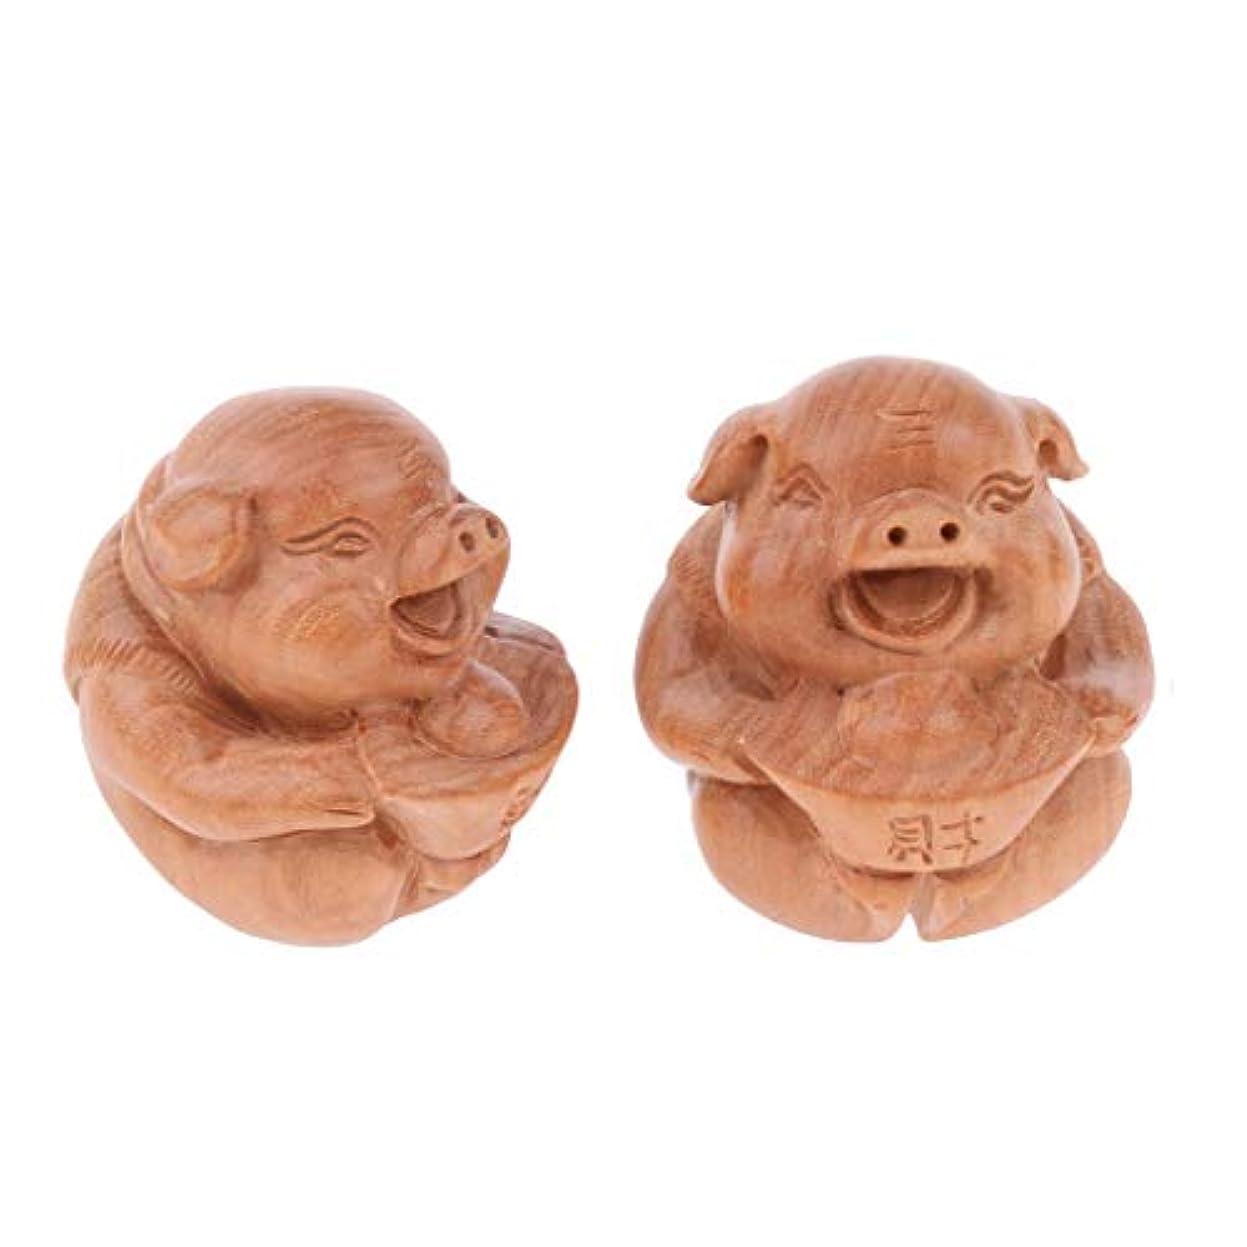 歌詞全体リズミカルなマッサージボール 指エクササイズ 1ペア 木製 可愛い 豚